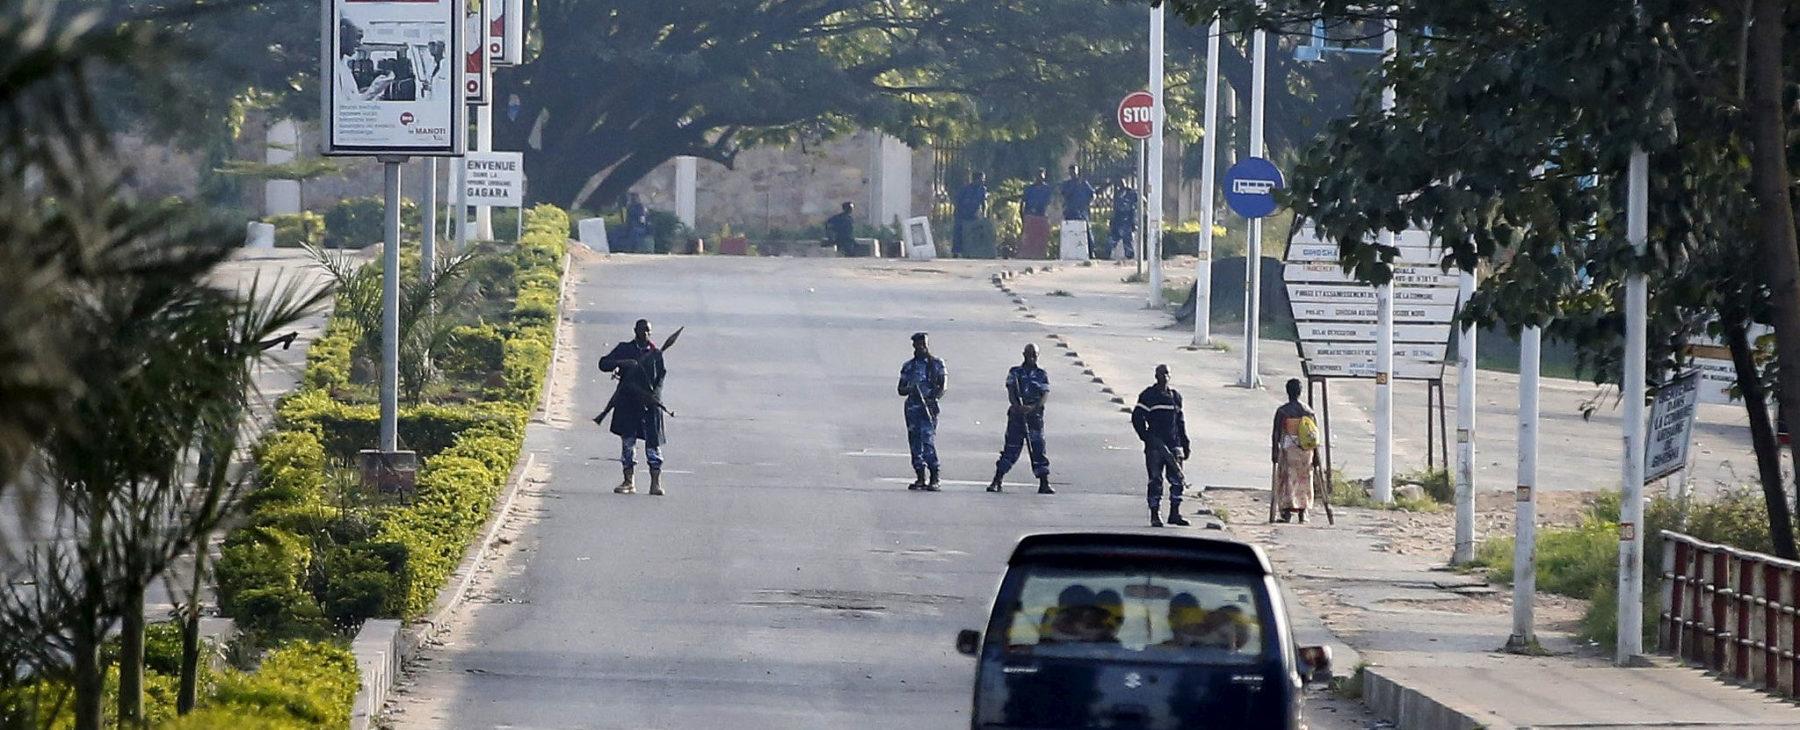 « On vit dans l'angoisse permanente » : le calvaire quotidien des Burundais